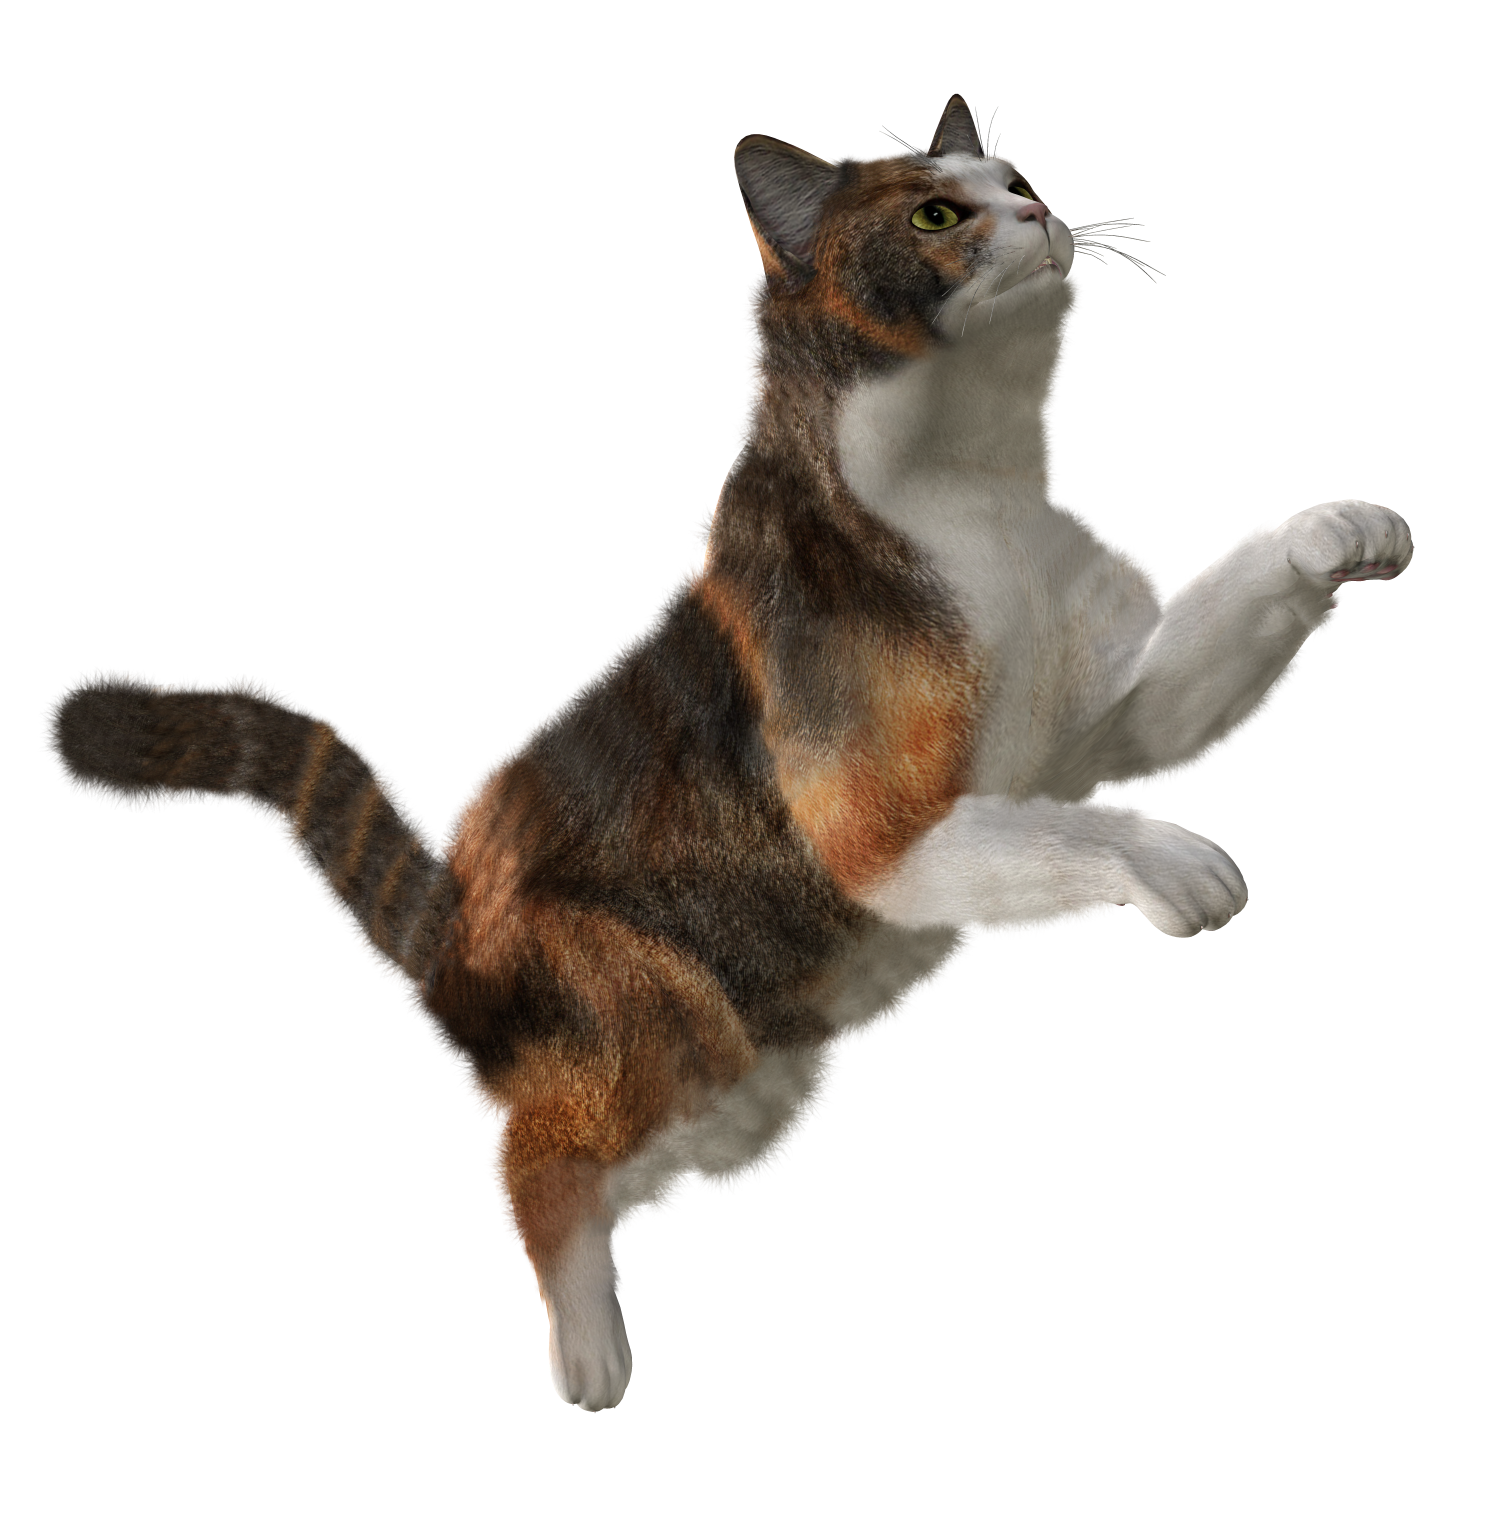 cat_PNG104.png